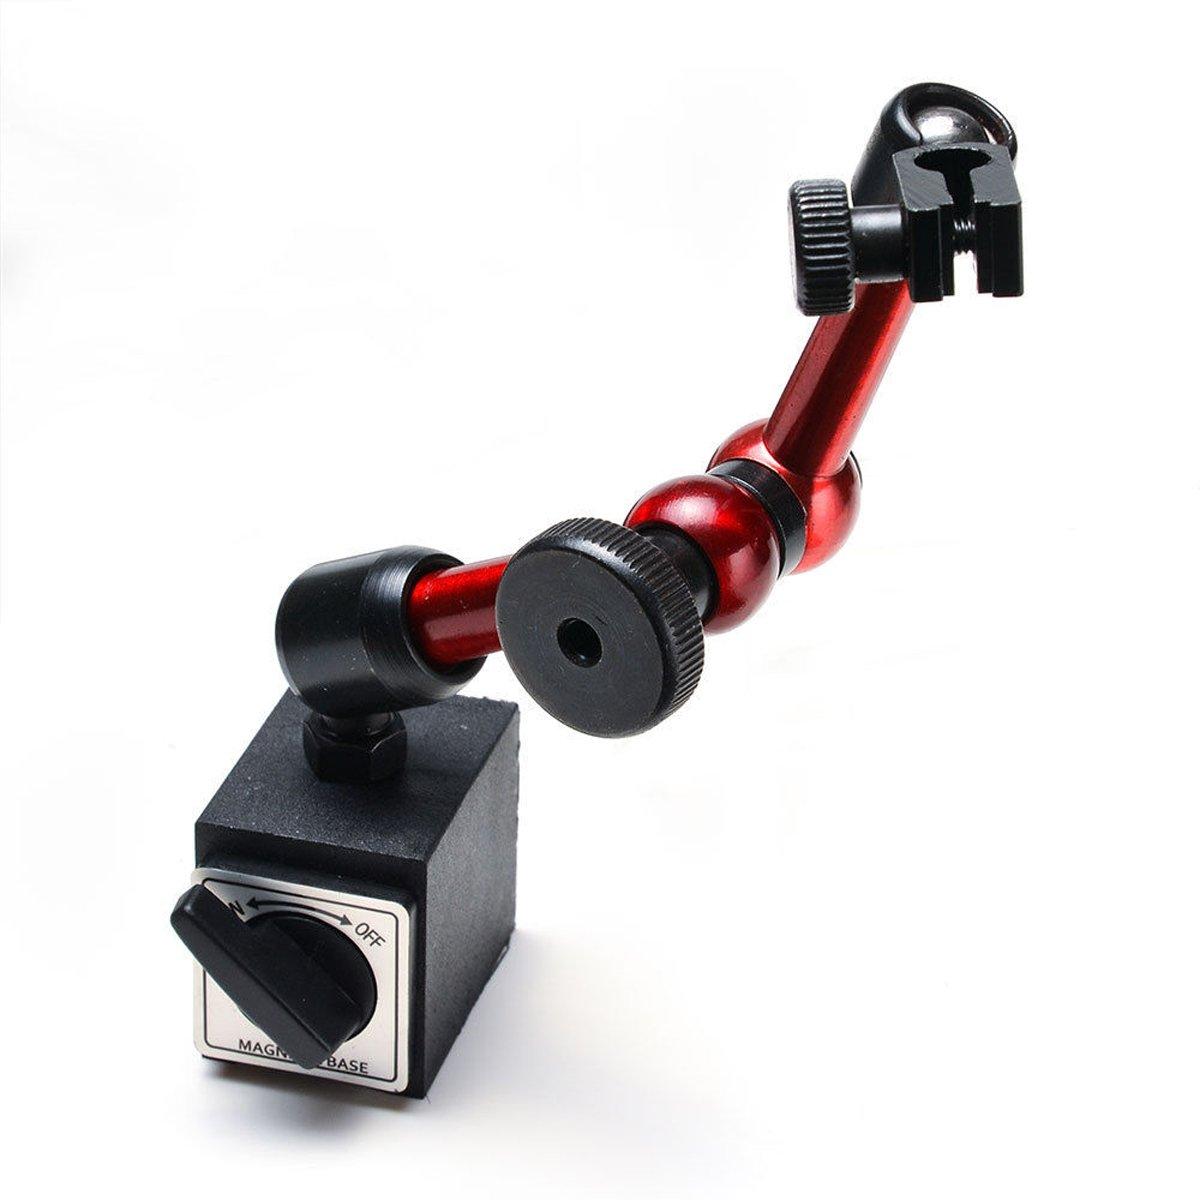 TraderPlus Magnetic Base Adjustable Metal Test Indicator Holder for Digital Dial Indicator